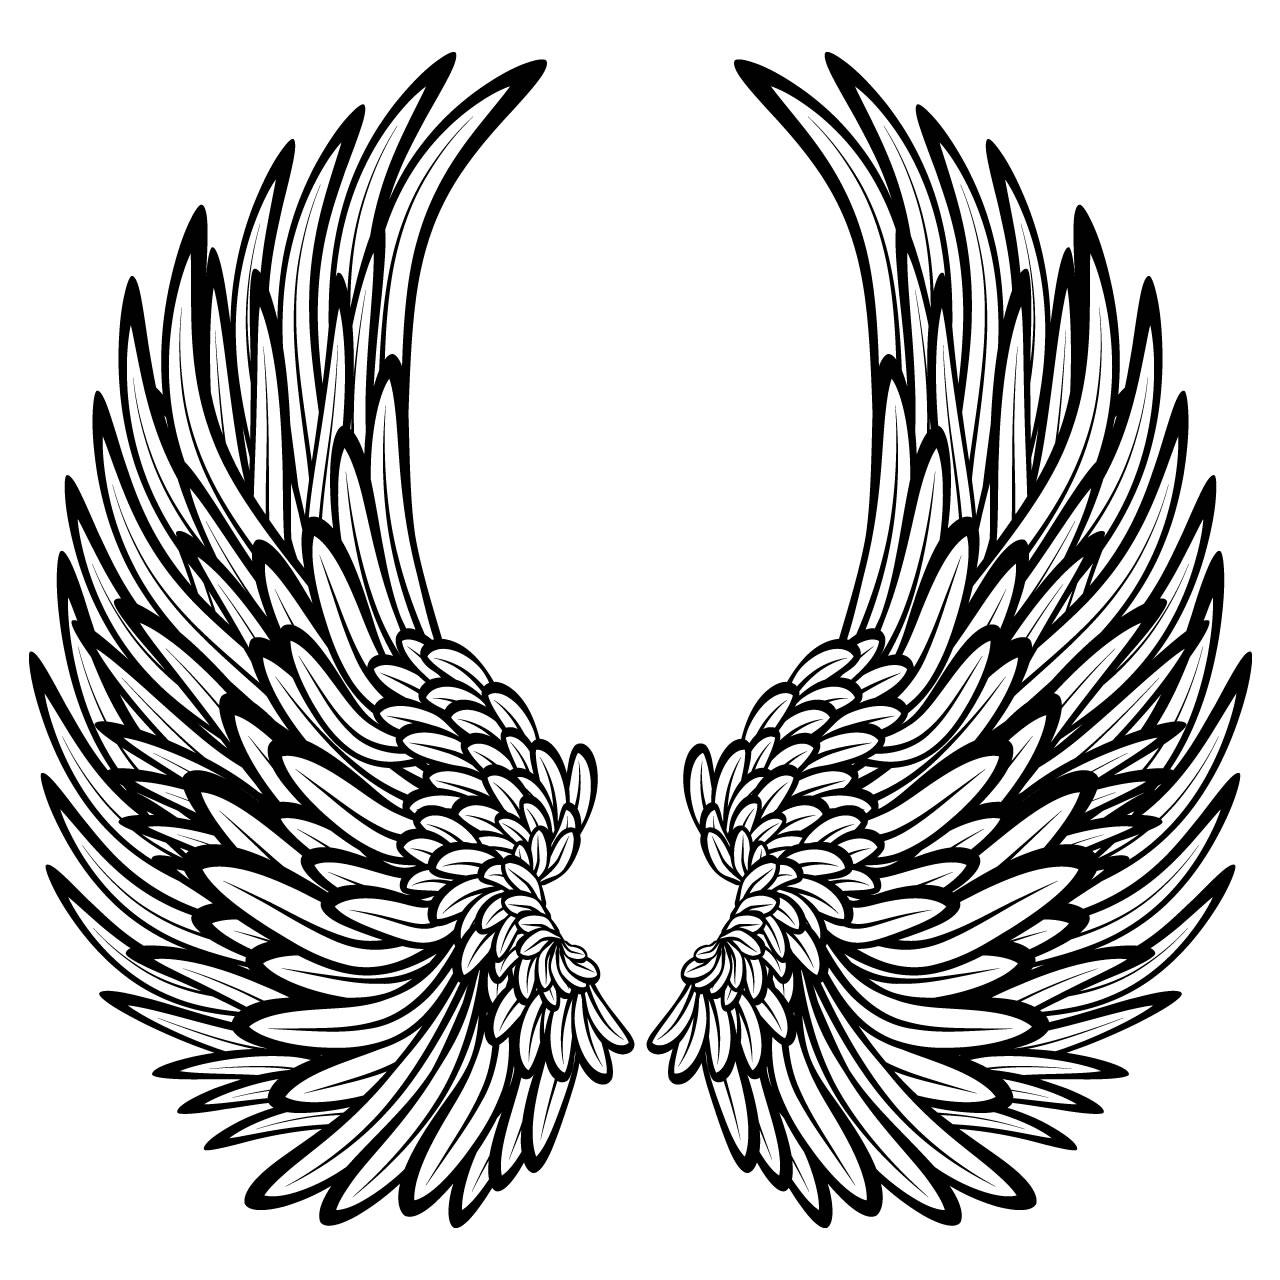 1280x1280 Angel Wings Line Drawing Angel Wings Template Largeangelwings